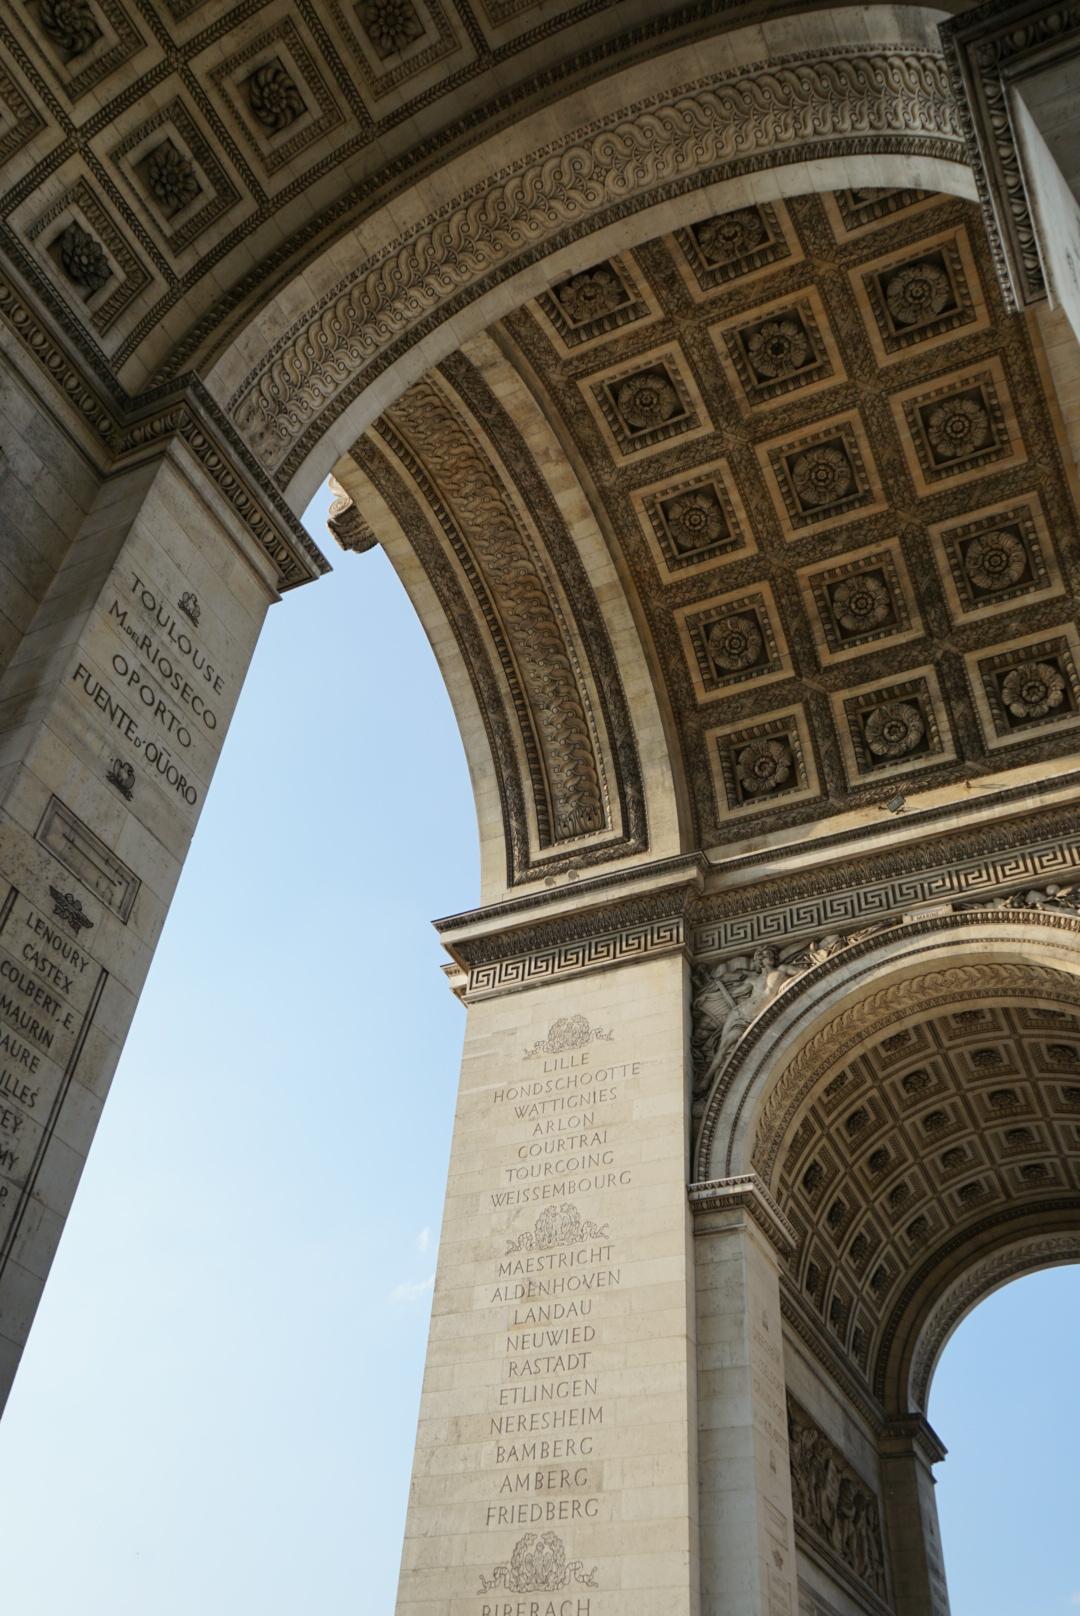 Underneath L'arc de Triomphe